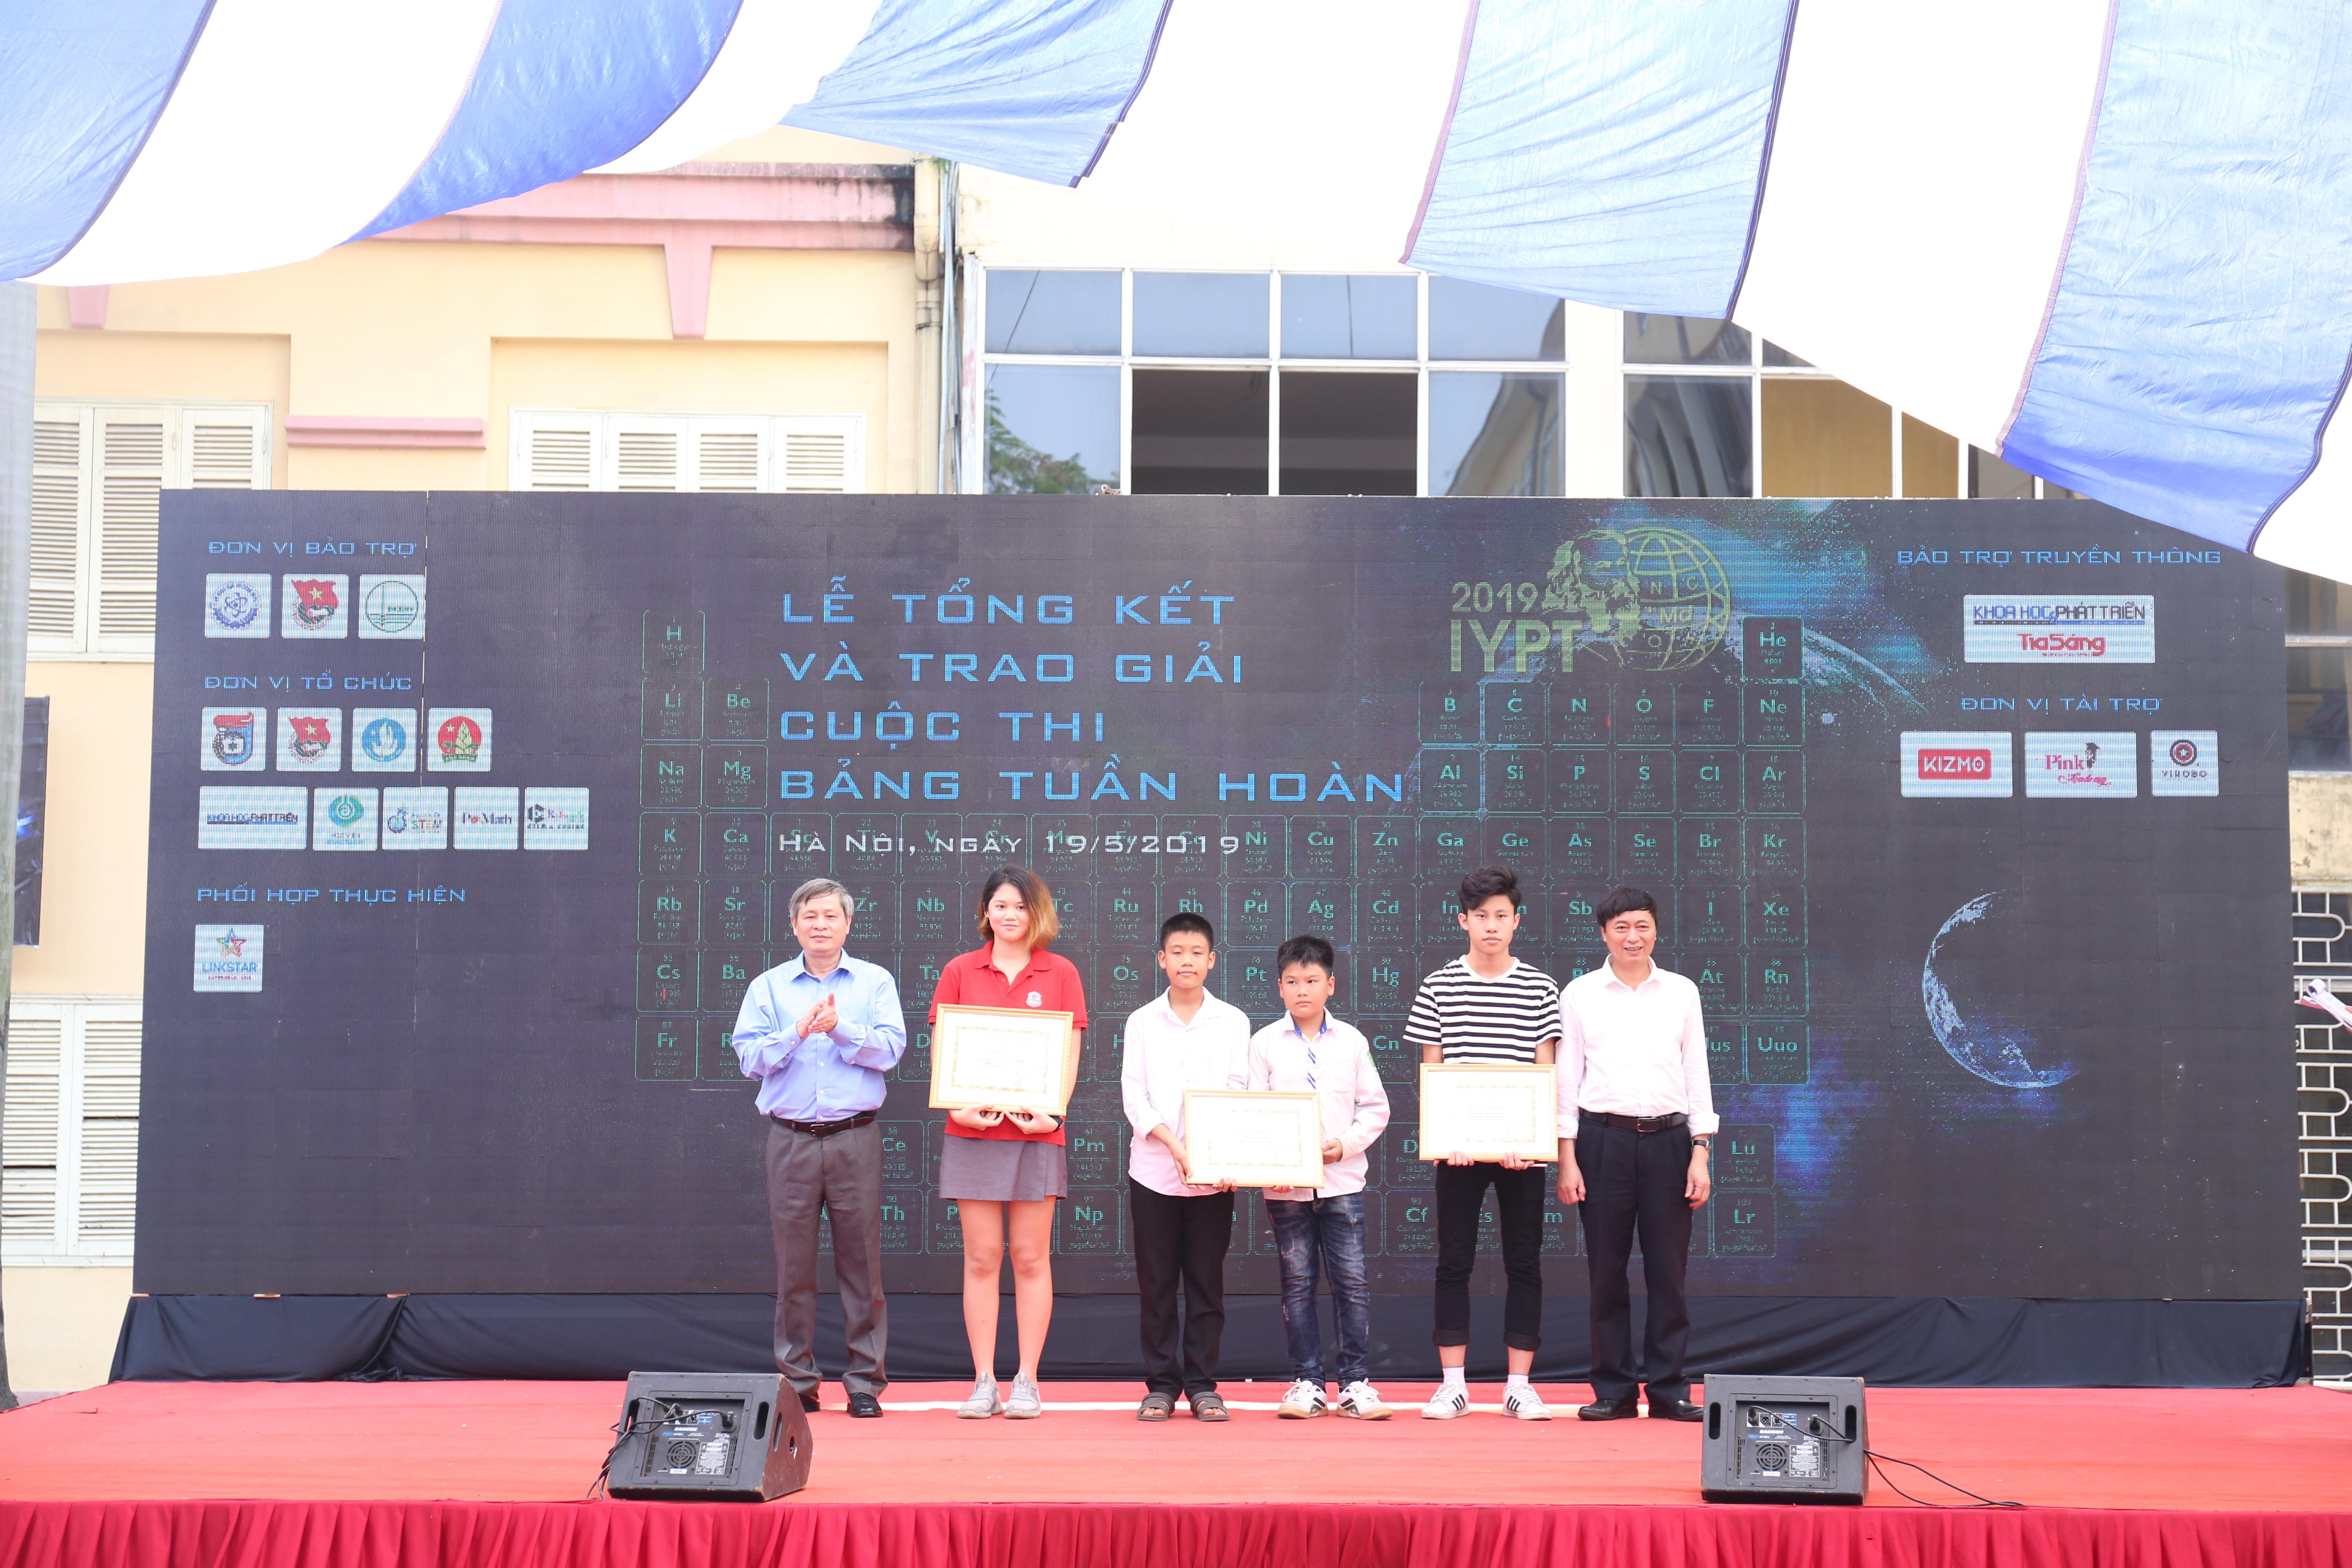 Đại diện các nhóm giải nhất của cuộc thi về bảng tuần hoàn | Ảnh:Ngô Hà